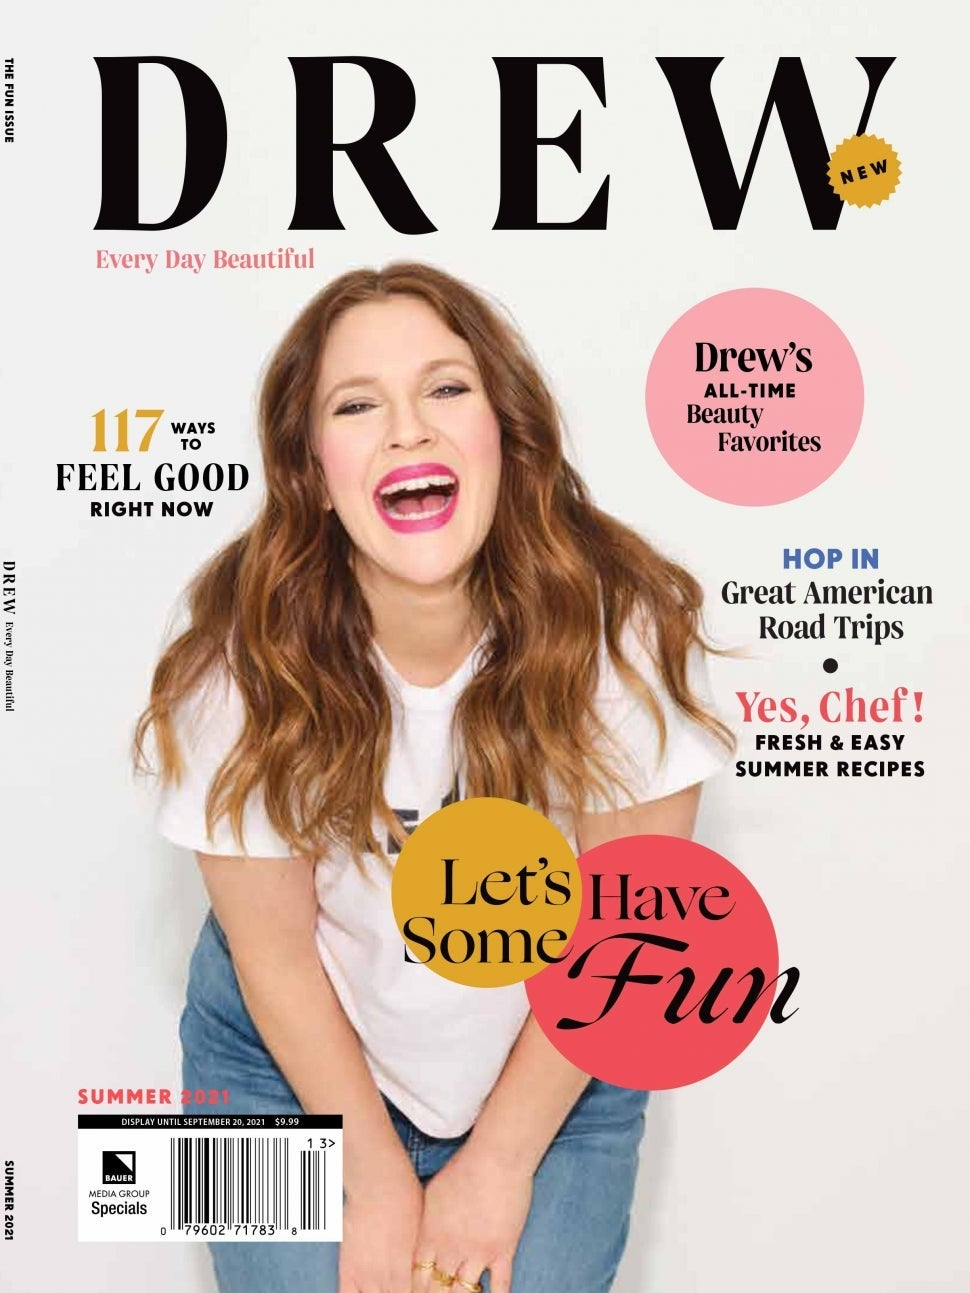 Drew Magazine